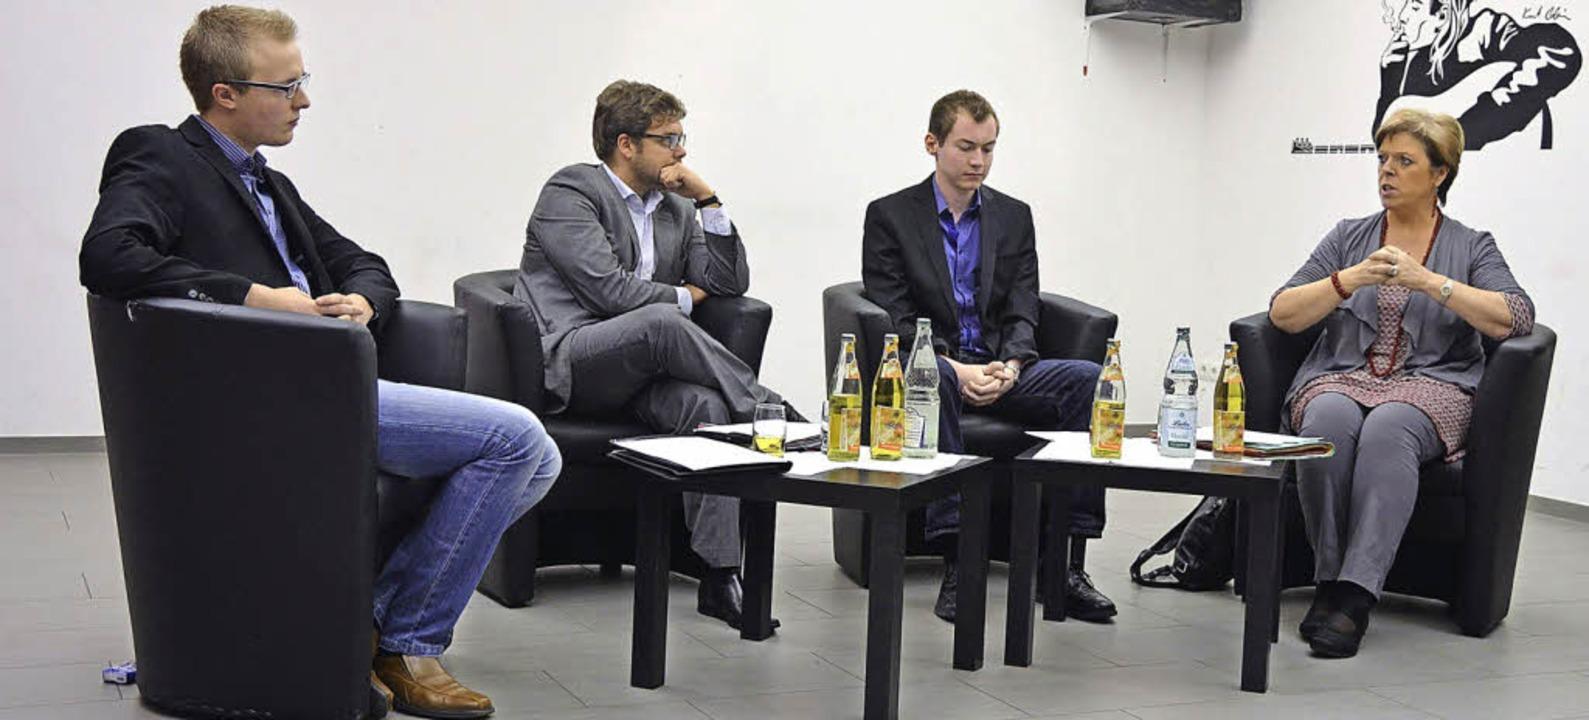 Diskutierten im Jugendhaus (von links)... Wahl,  Christoph Leon, Sabine Wölfle.    Foto: BZ